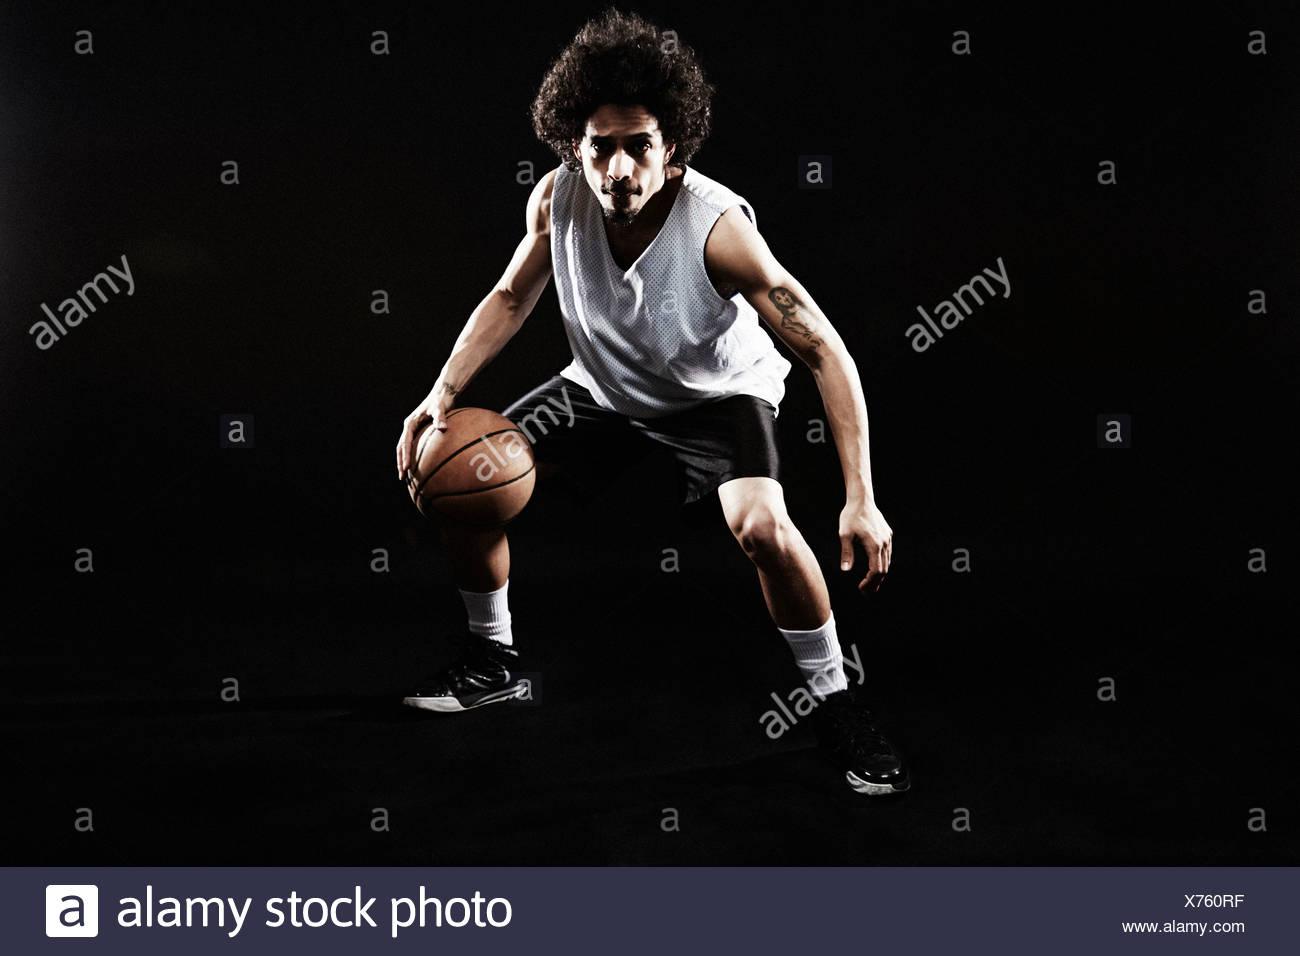 Basketball player bouncing basketball - Stock Image